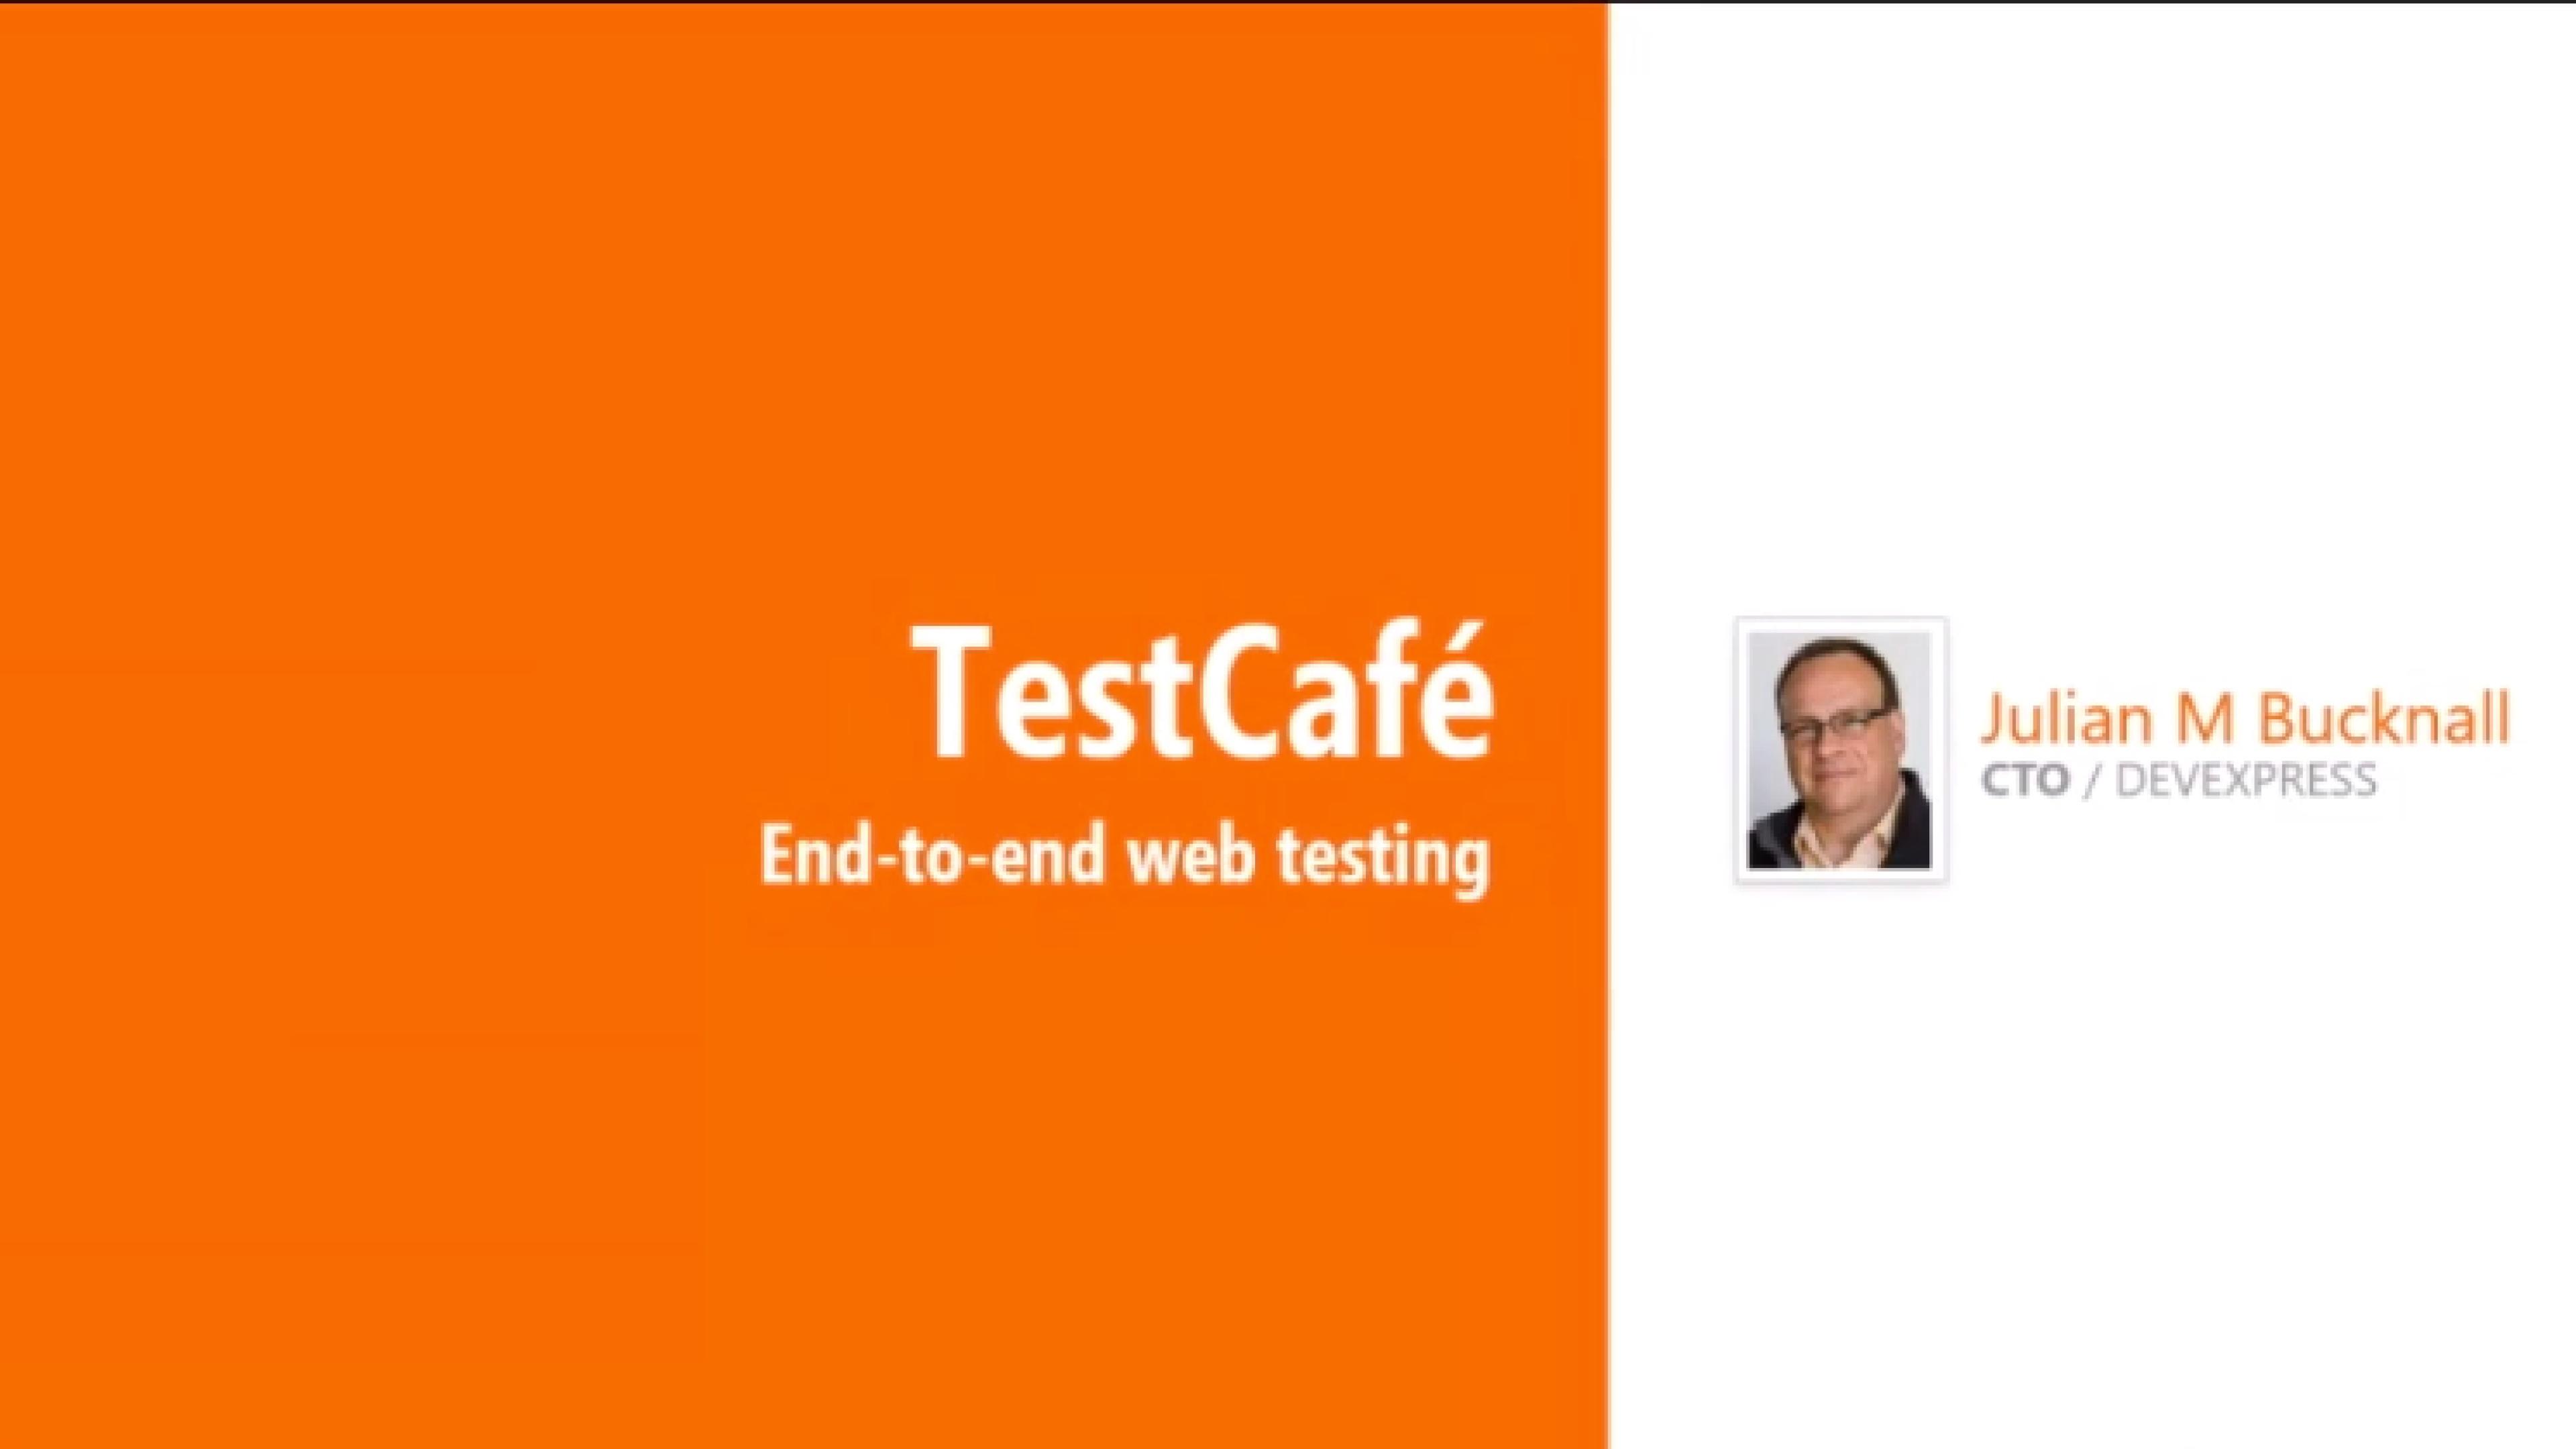 End-to-end web testing - TestCafé - Julian M Bucknall